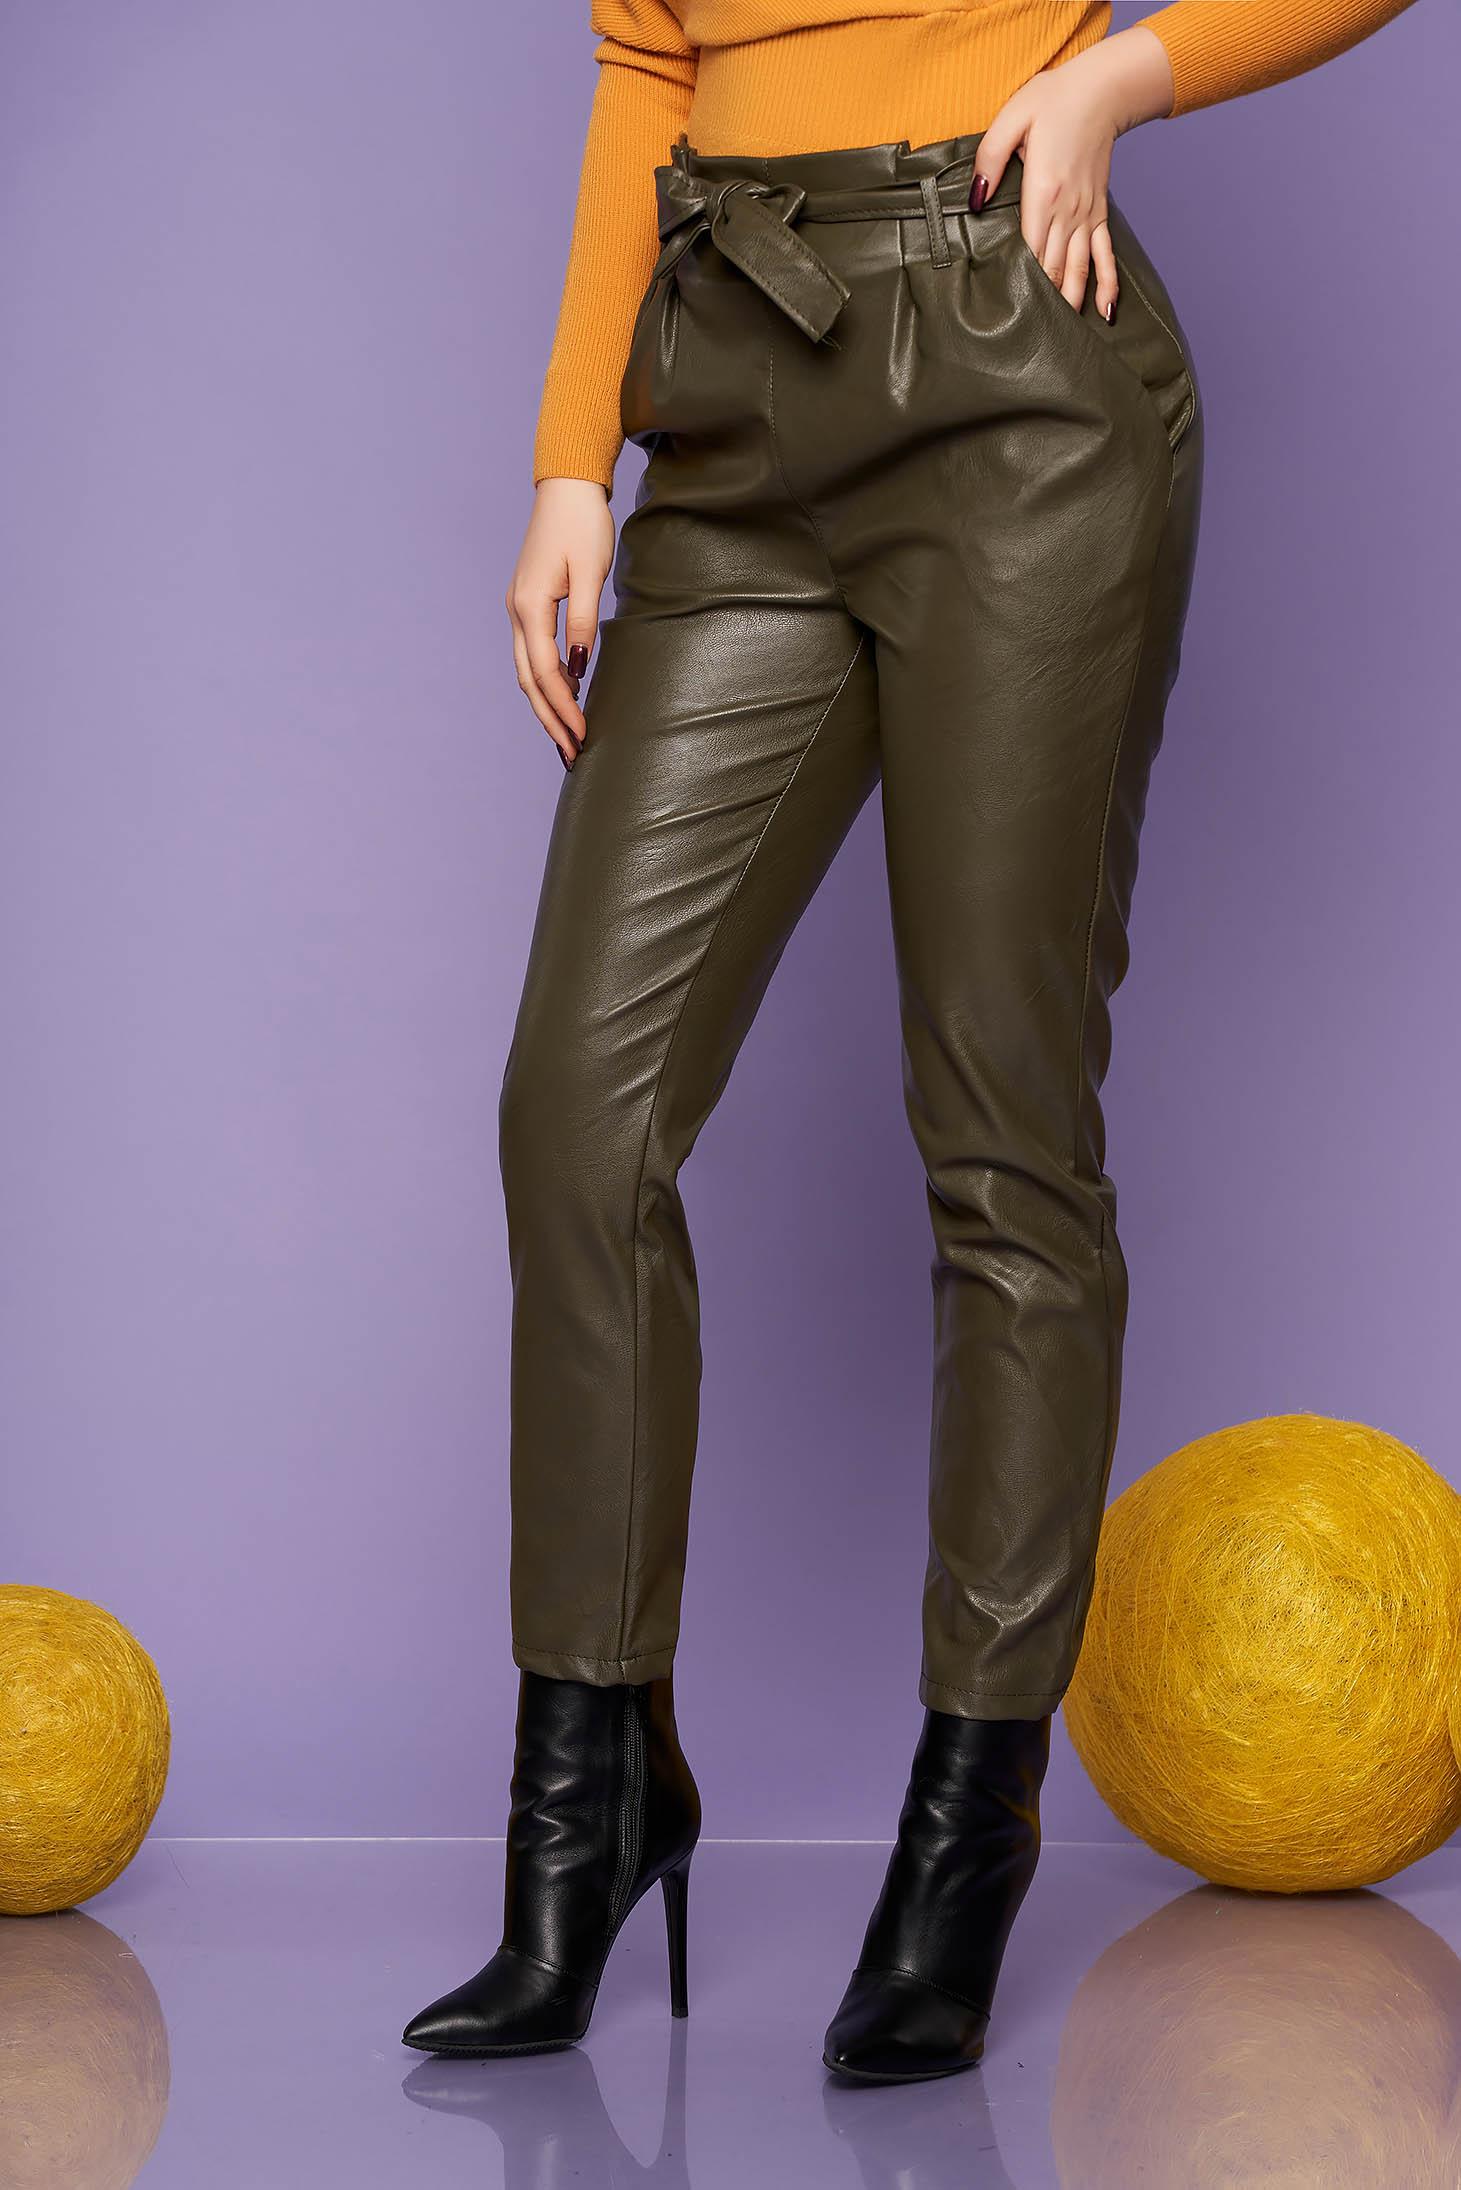 Pantaloni SunShine din piele ecologica verzi casual conici cu talie inalta cu buzunare si accesorizati cu cordon